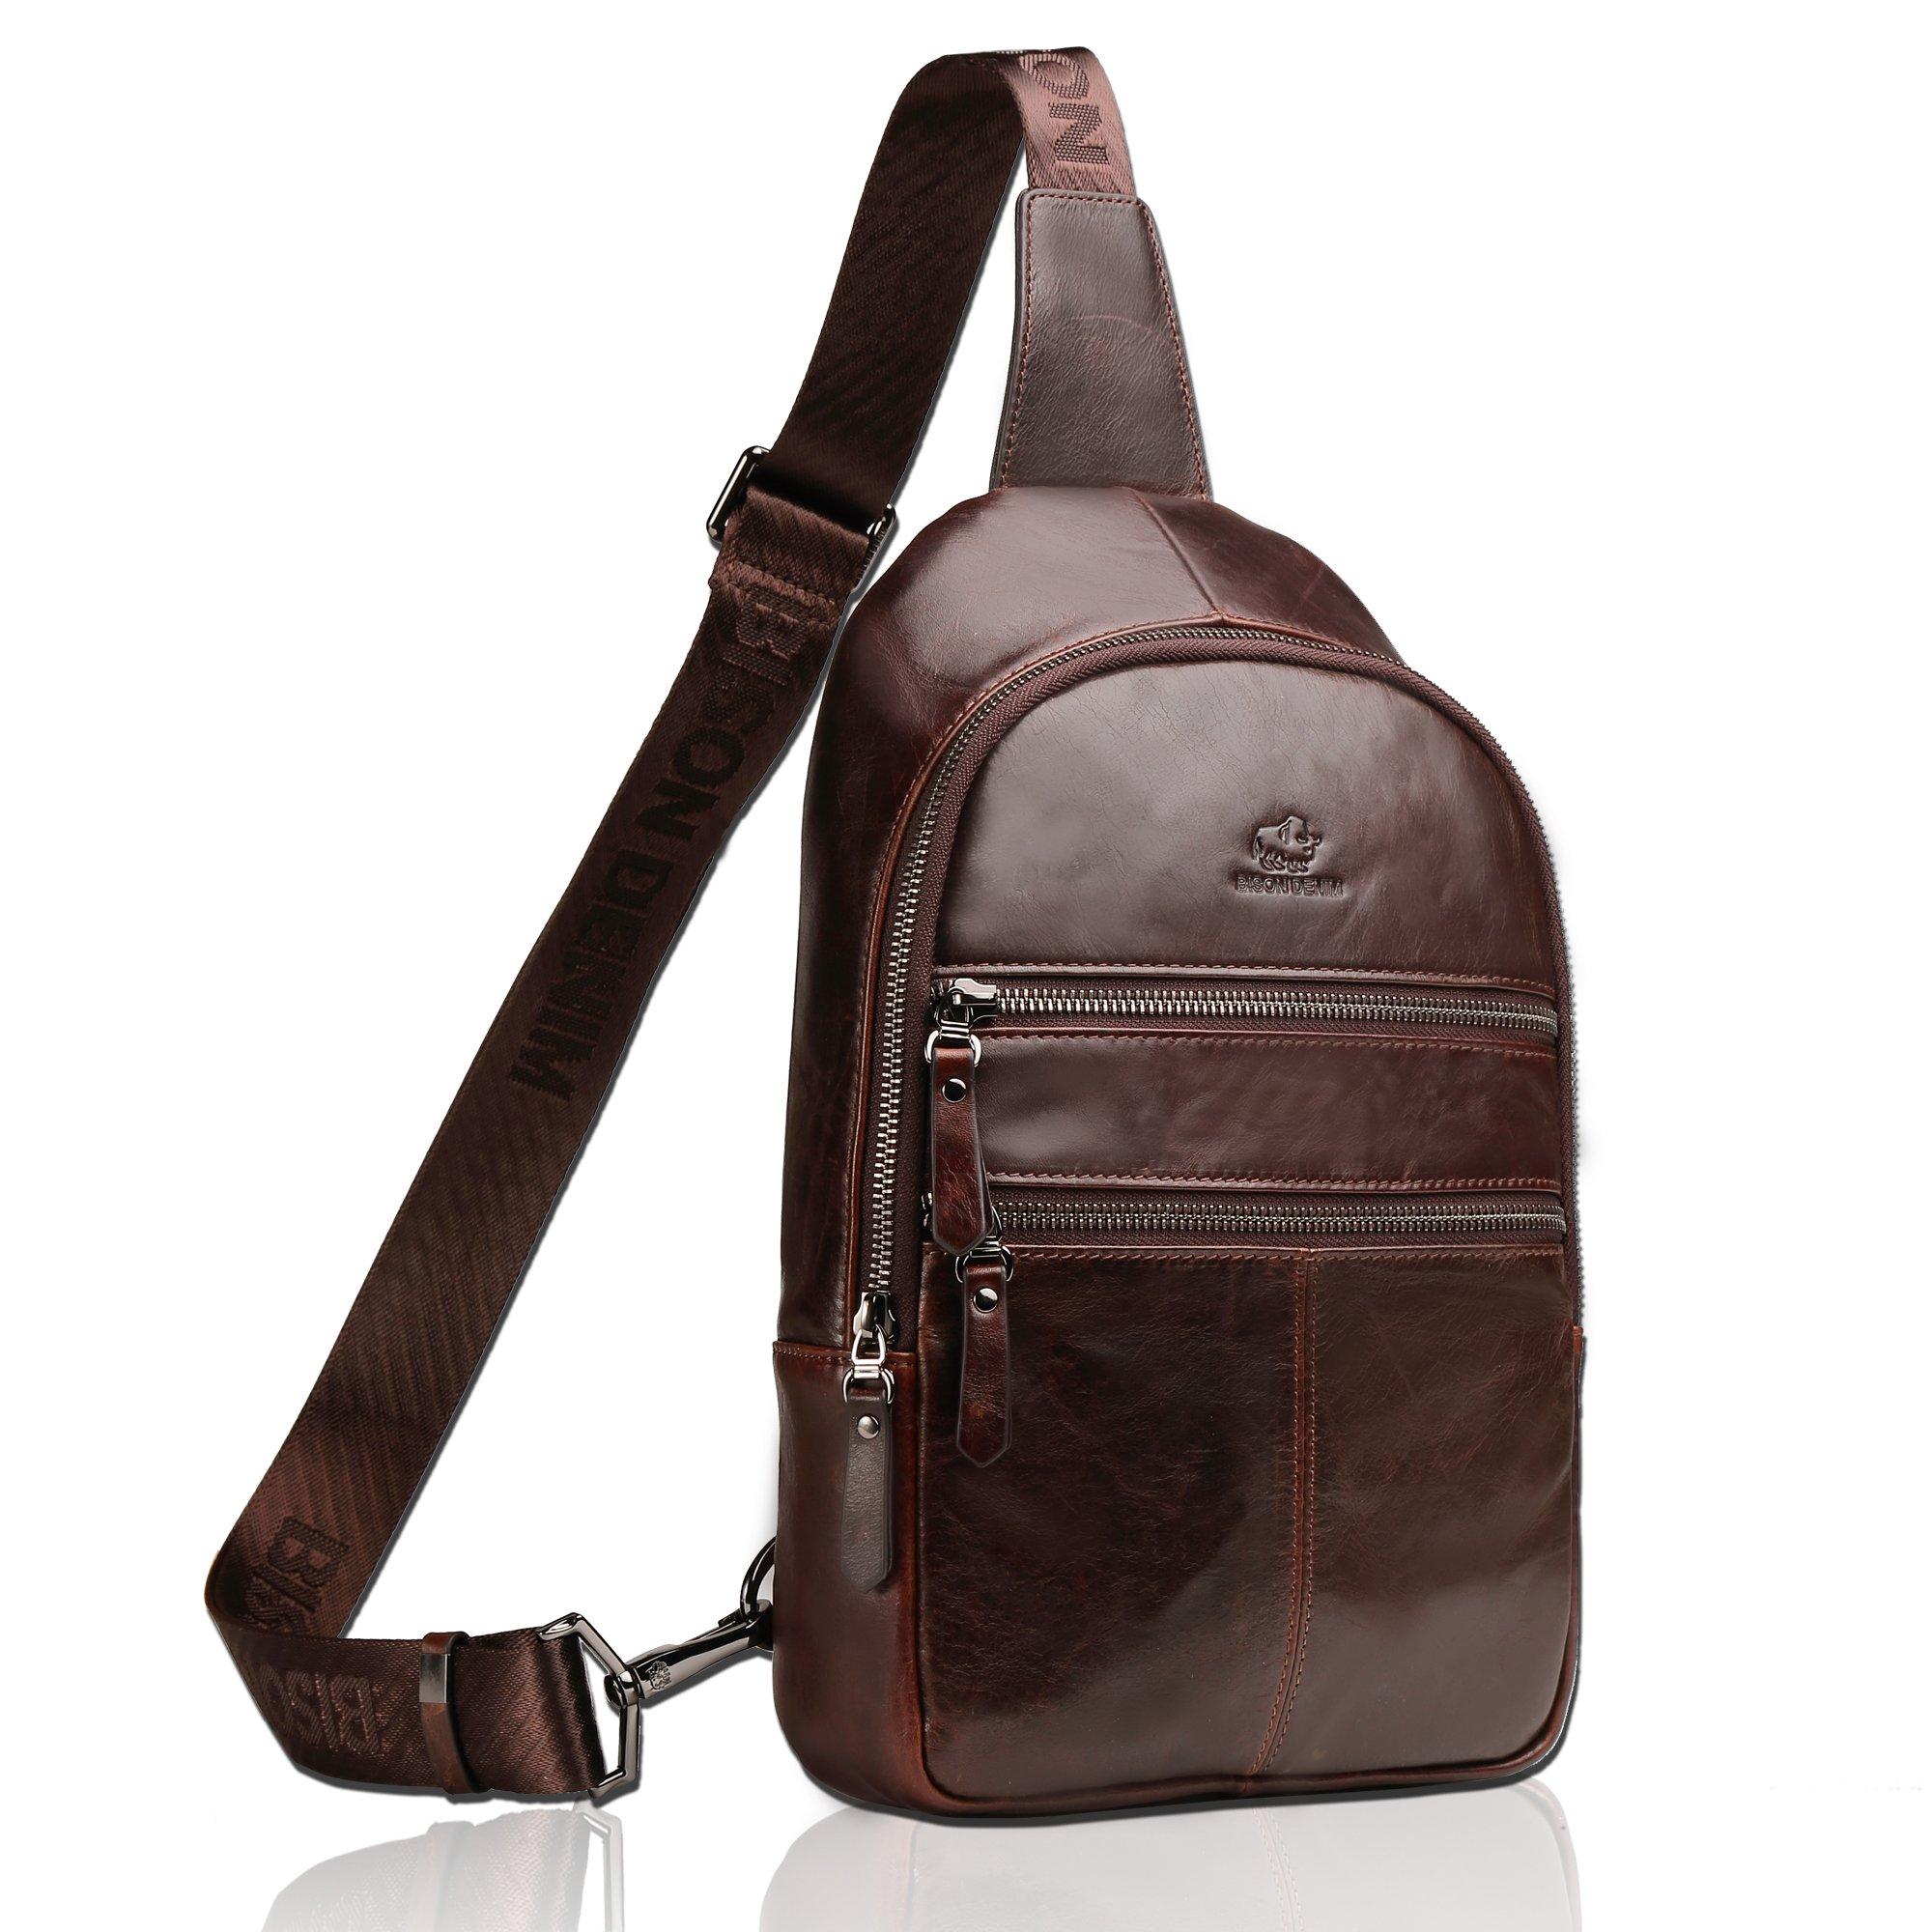 BISON DENIM Genuine Leather Crossbody Sling Bag Mens Chest Bag One Shoulder Bag Travel Unbalance Backpack